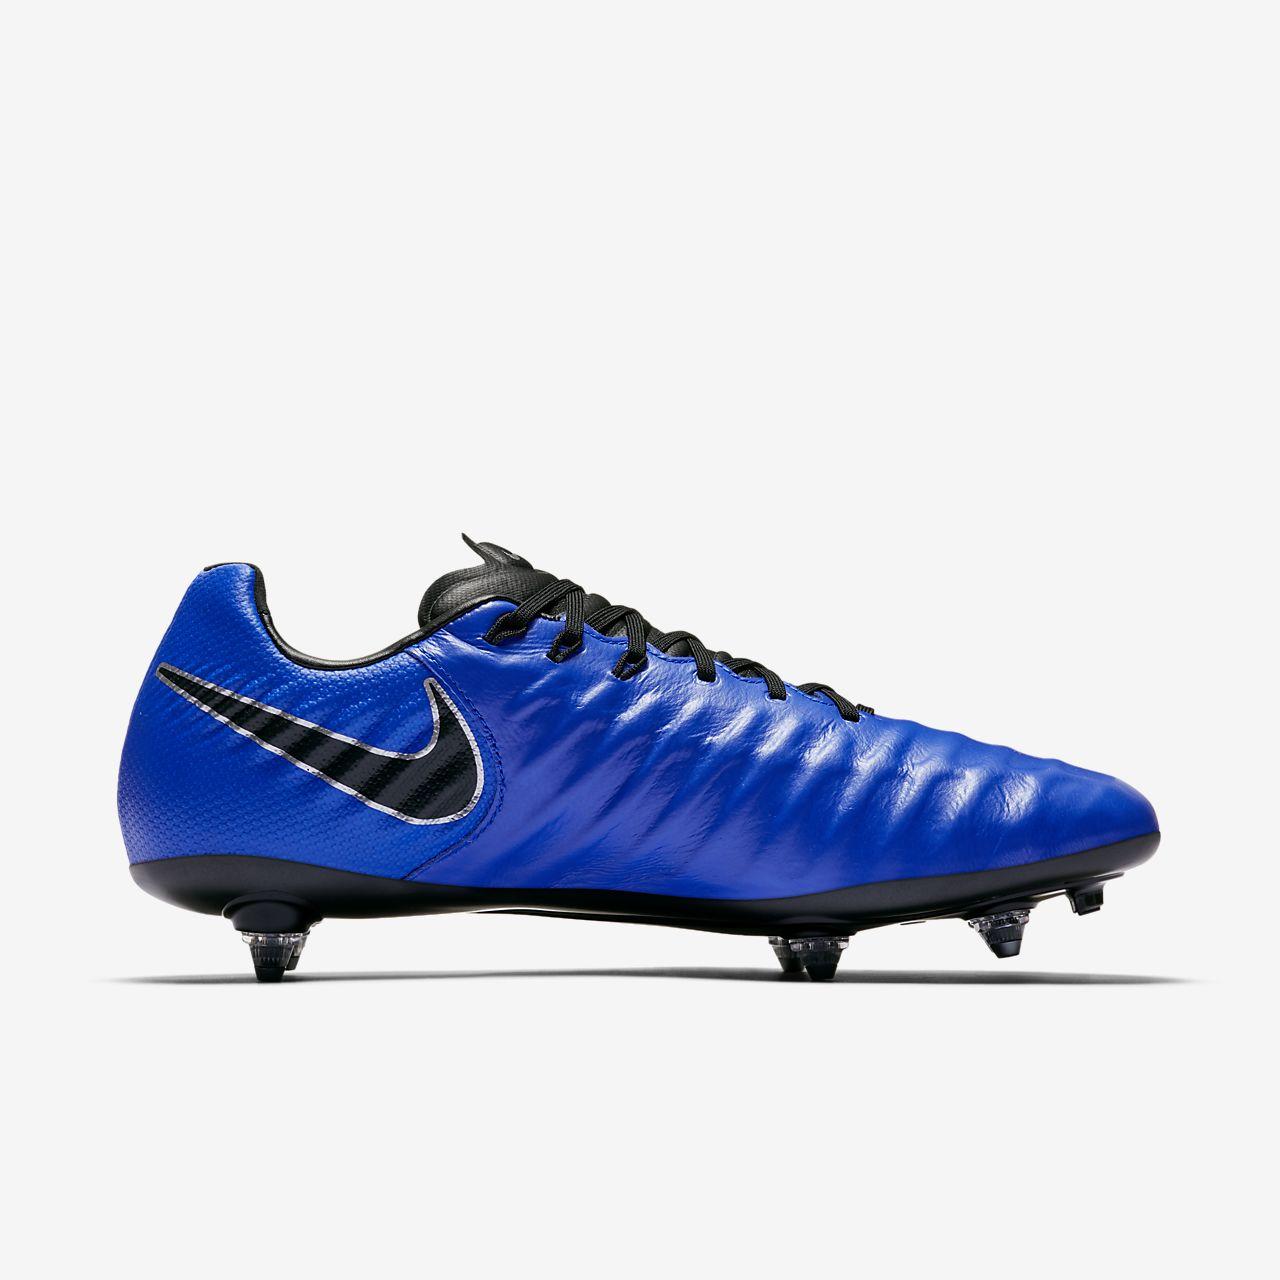 04e1402dd Calzado de fútbol para terreno blando Nike Tiempo Legend VII Pro ...